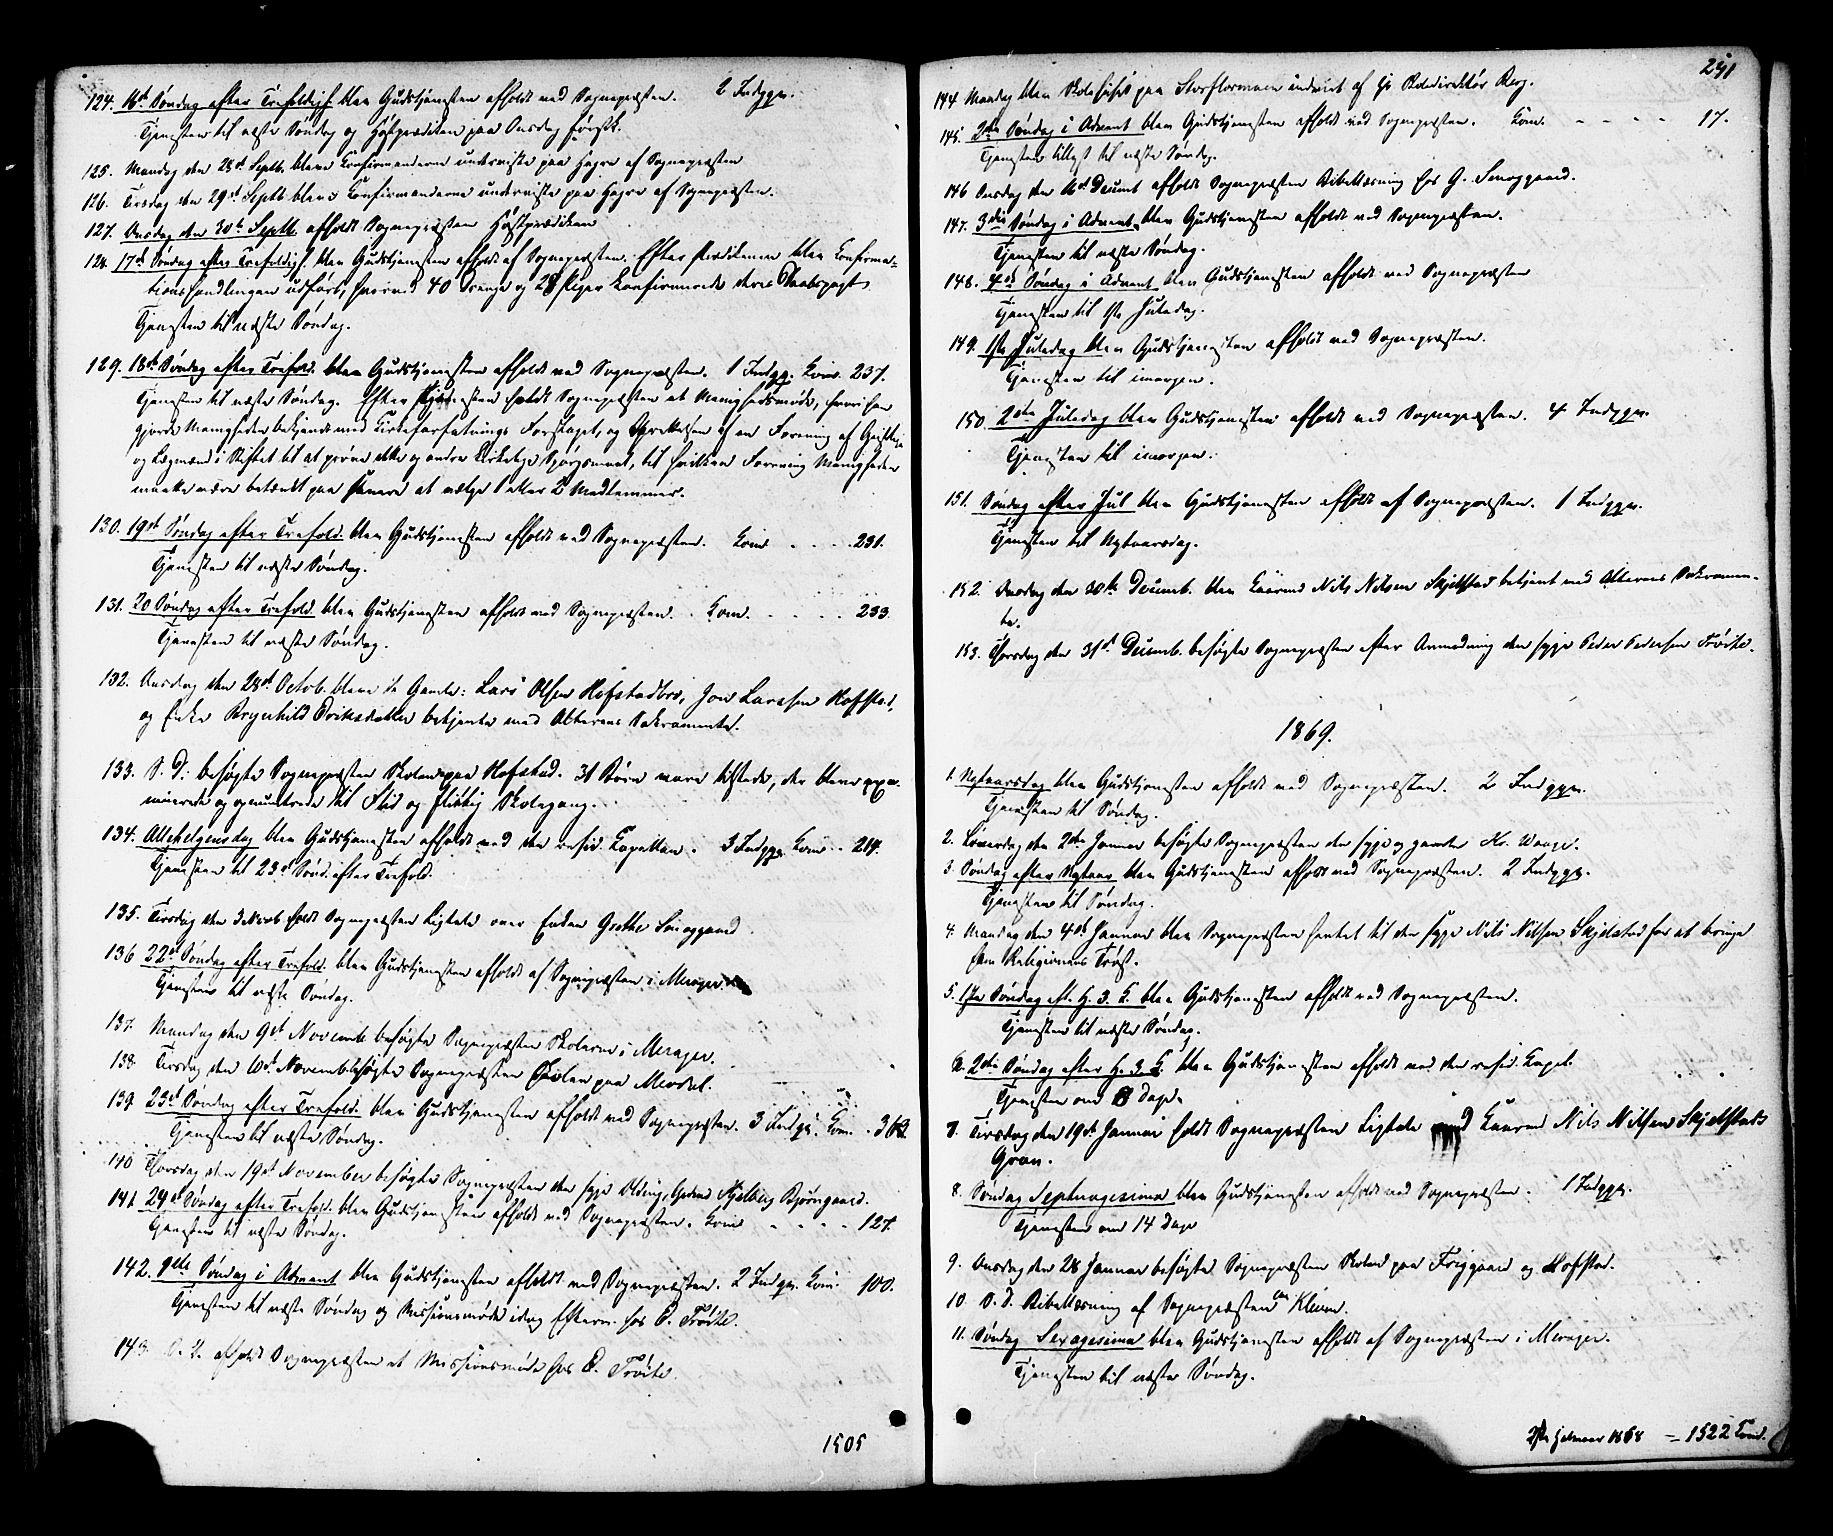 SAT, Ministerialprotokoller, klokkerbøker og fødselsregistre - Nord-Trøndelag, 703/L0029: Ministerialbok nr. 703A02, 1863-1879, s. 241